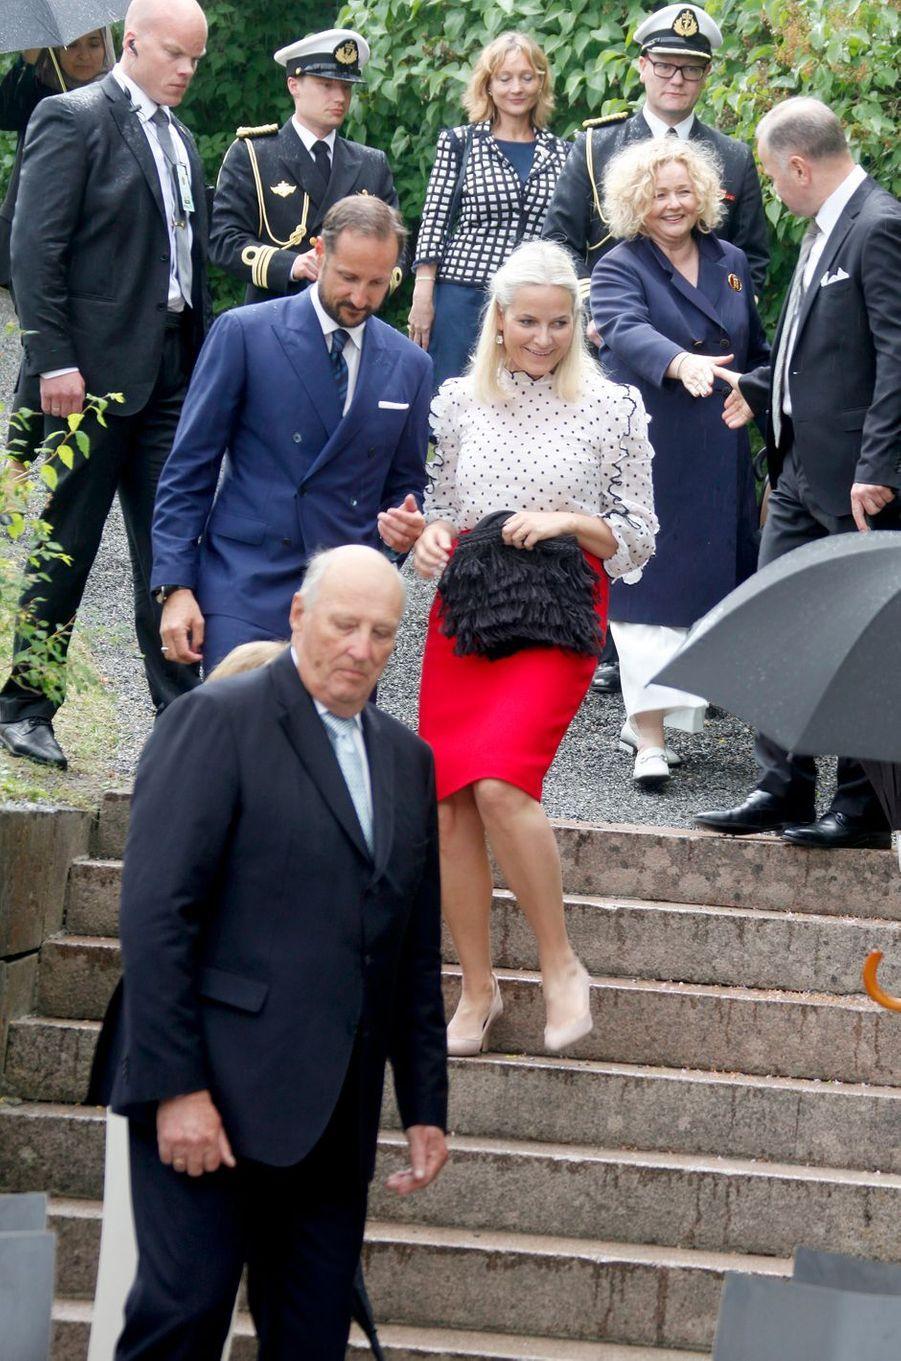 La princesse Mette-Marit avec le prince Haakon et le roi Harald V de Norvège à Oslo, le 7 juin 2016